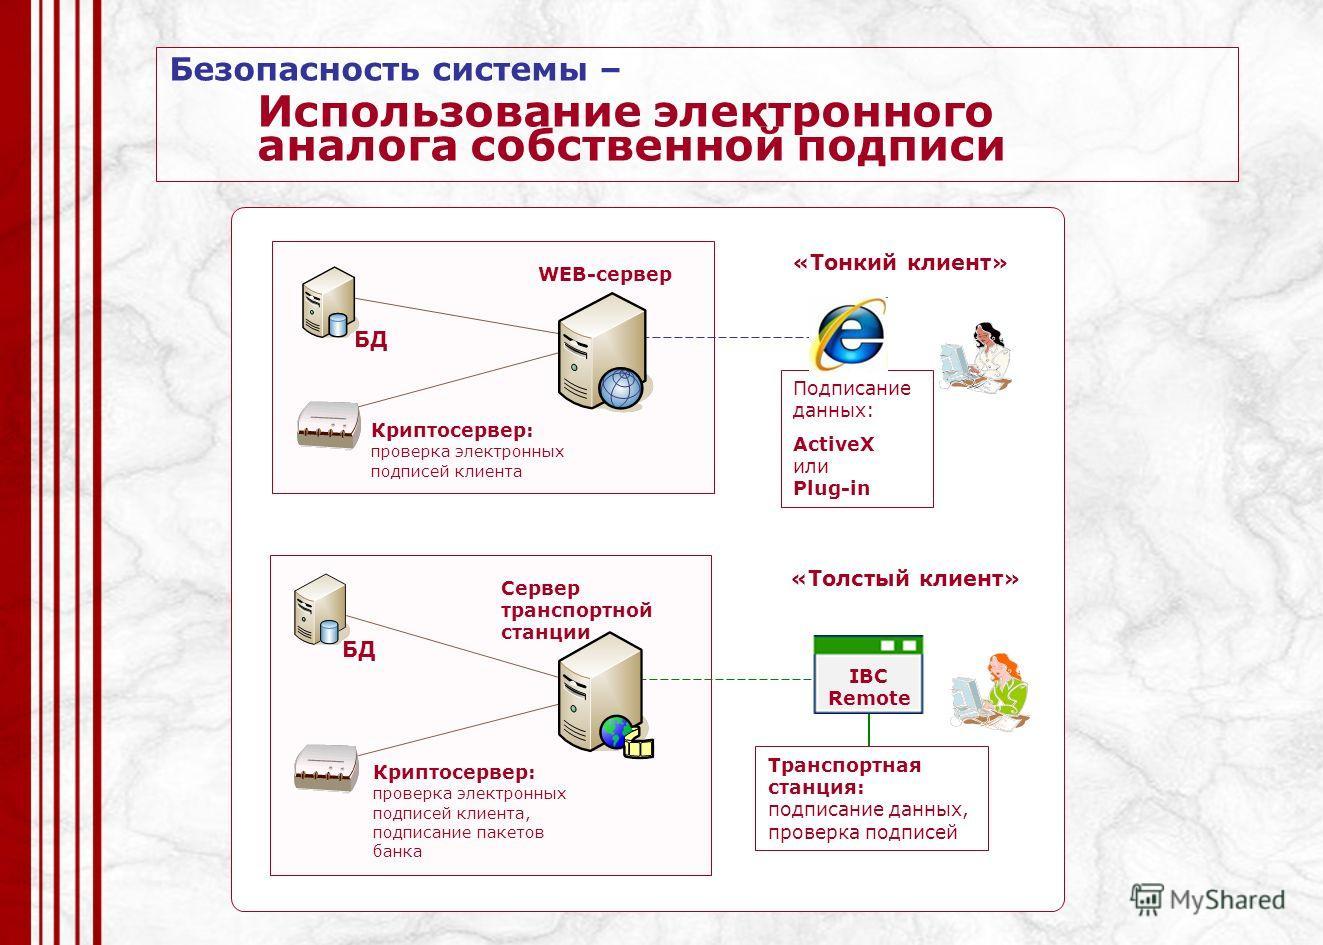 «Толстый клиент» Сервер транспортной станции БД Транспортная станция: подписание данных, проверка подписей Криптосервер: проверка электронных подписей клиента, подписание пакетов банка «Тонкий клиент» WEB-сервер БД Подписание данных: ActiveX или Plug